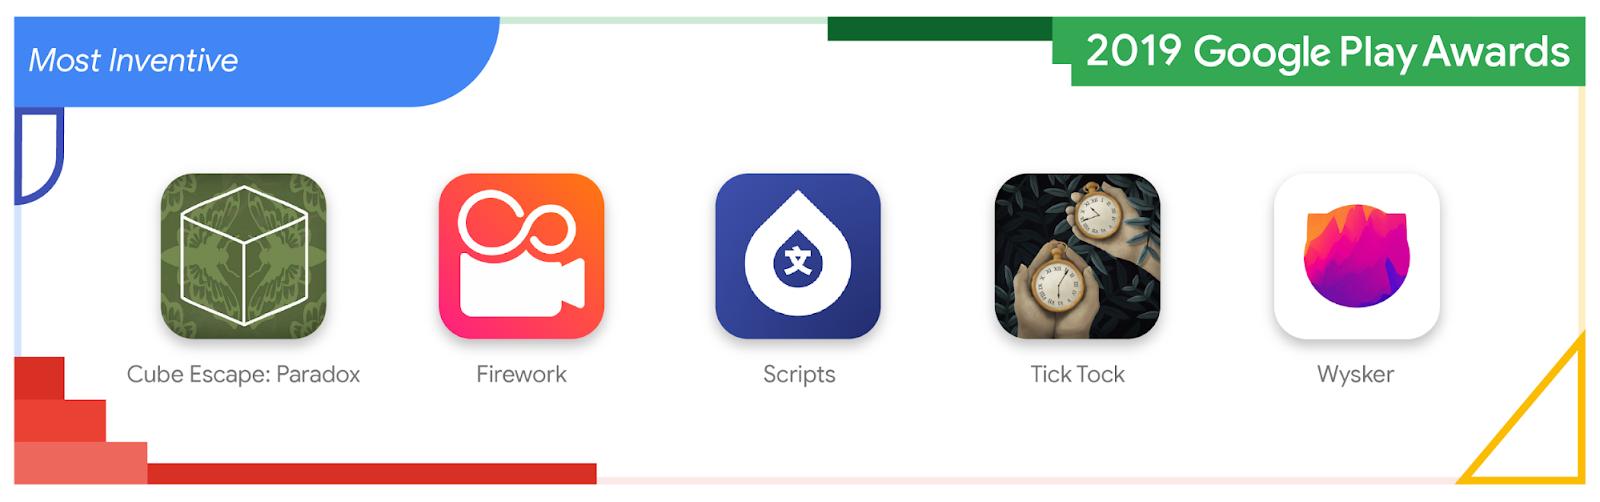 Mejores apps y juegos Android del año según Google: estos son los nominados a los Google Play Awards 2019